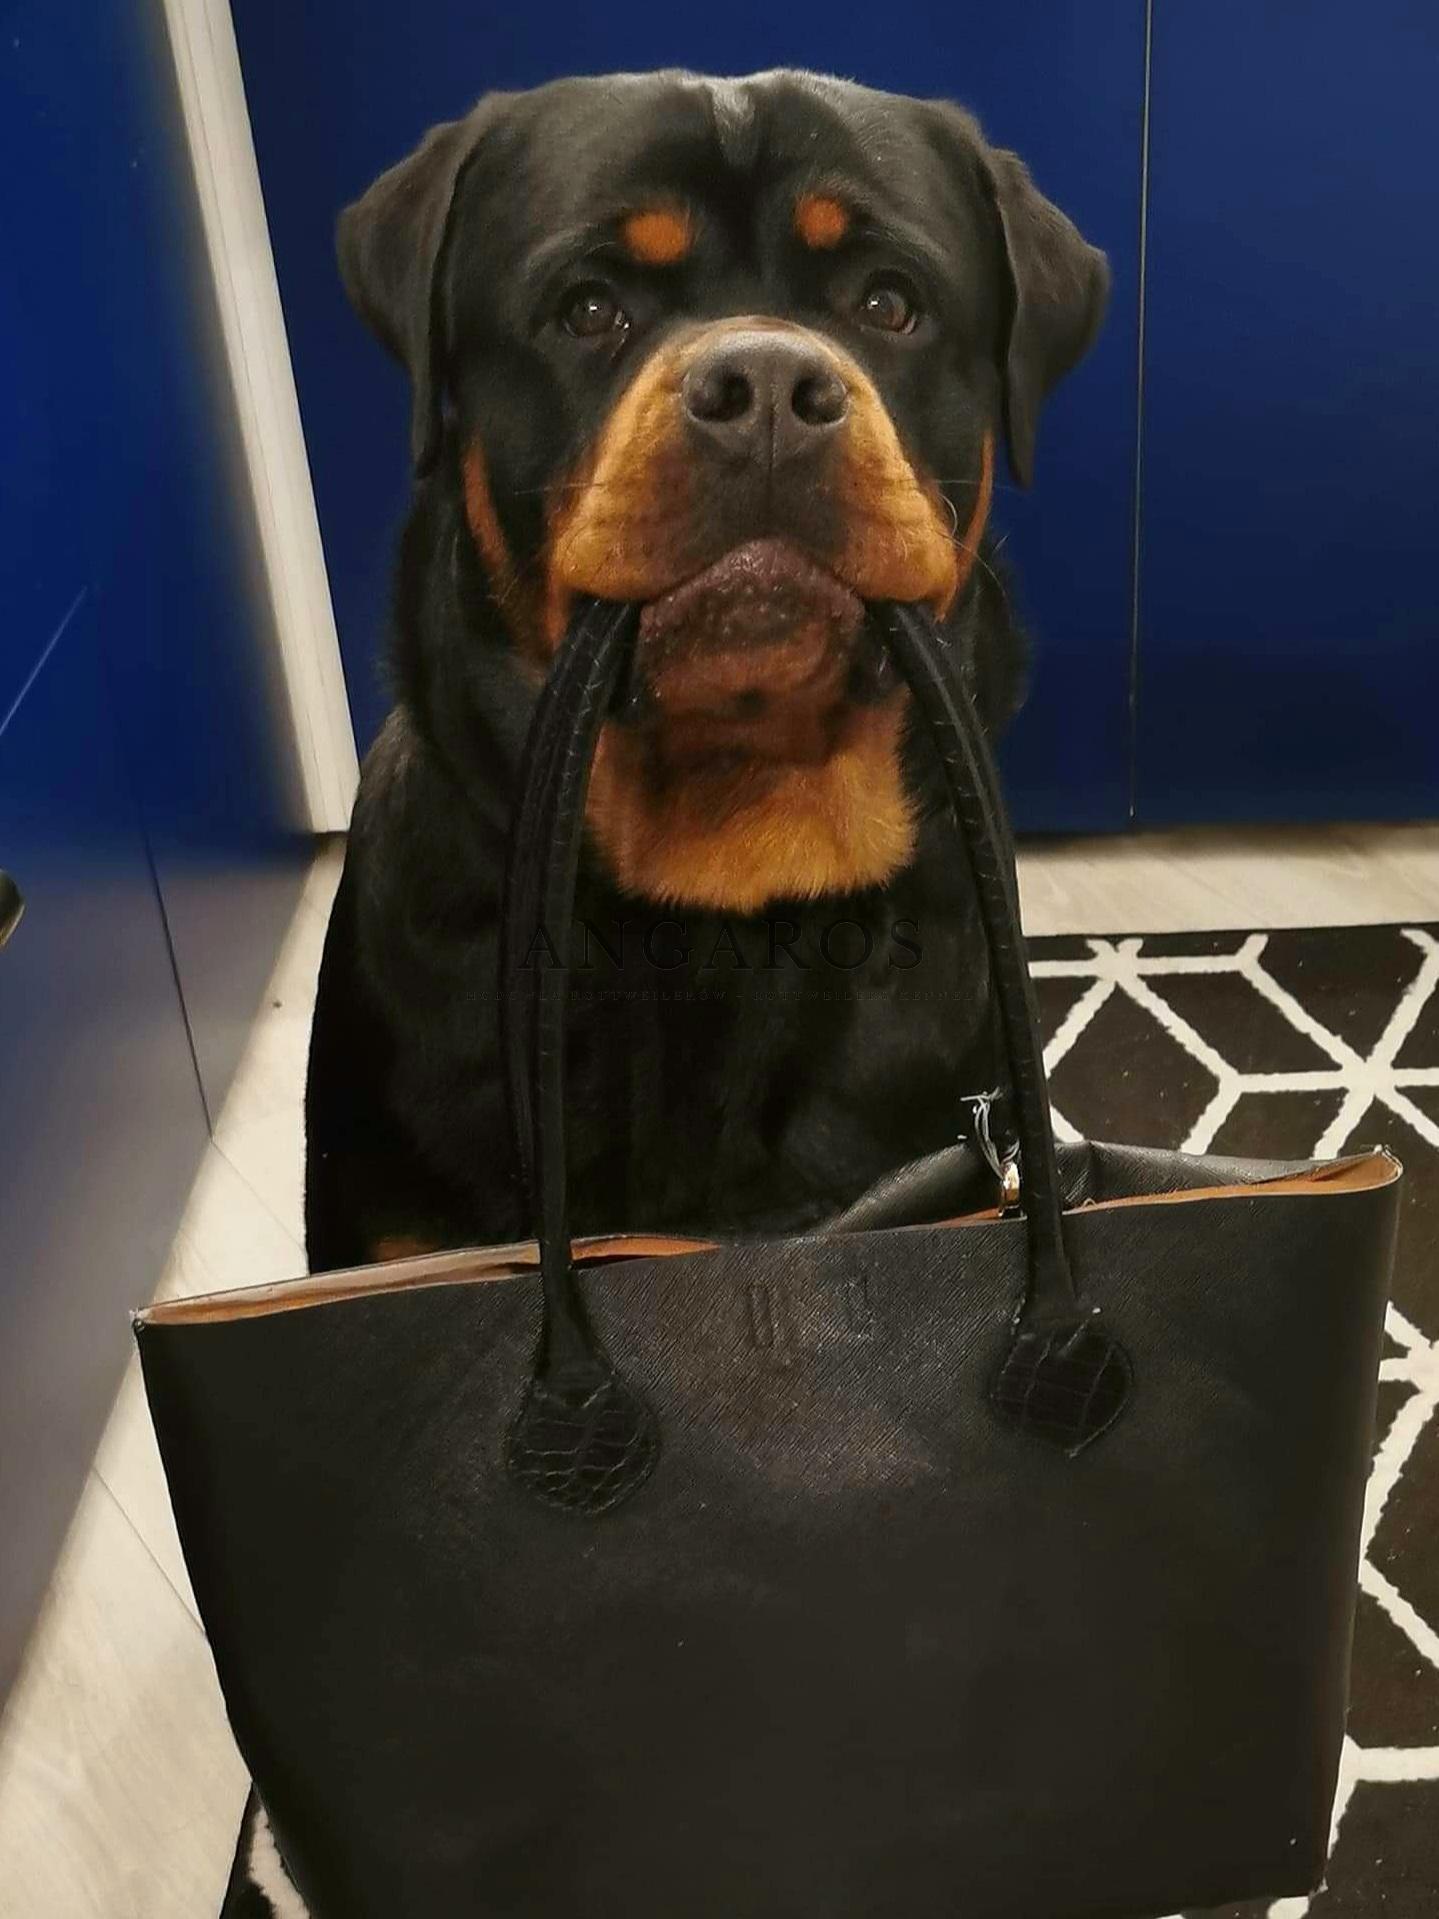 ROTTWEILER pies wielozadaniowy. W roli modela PUERTO RICO Angaros w wieku 12 miesięcy | Rottweiler - Hodowla Rottweilerów Angaros - Rottweilers - Rottweilery